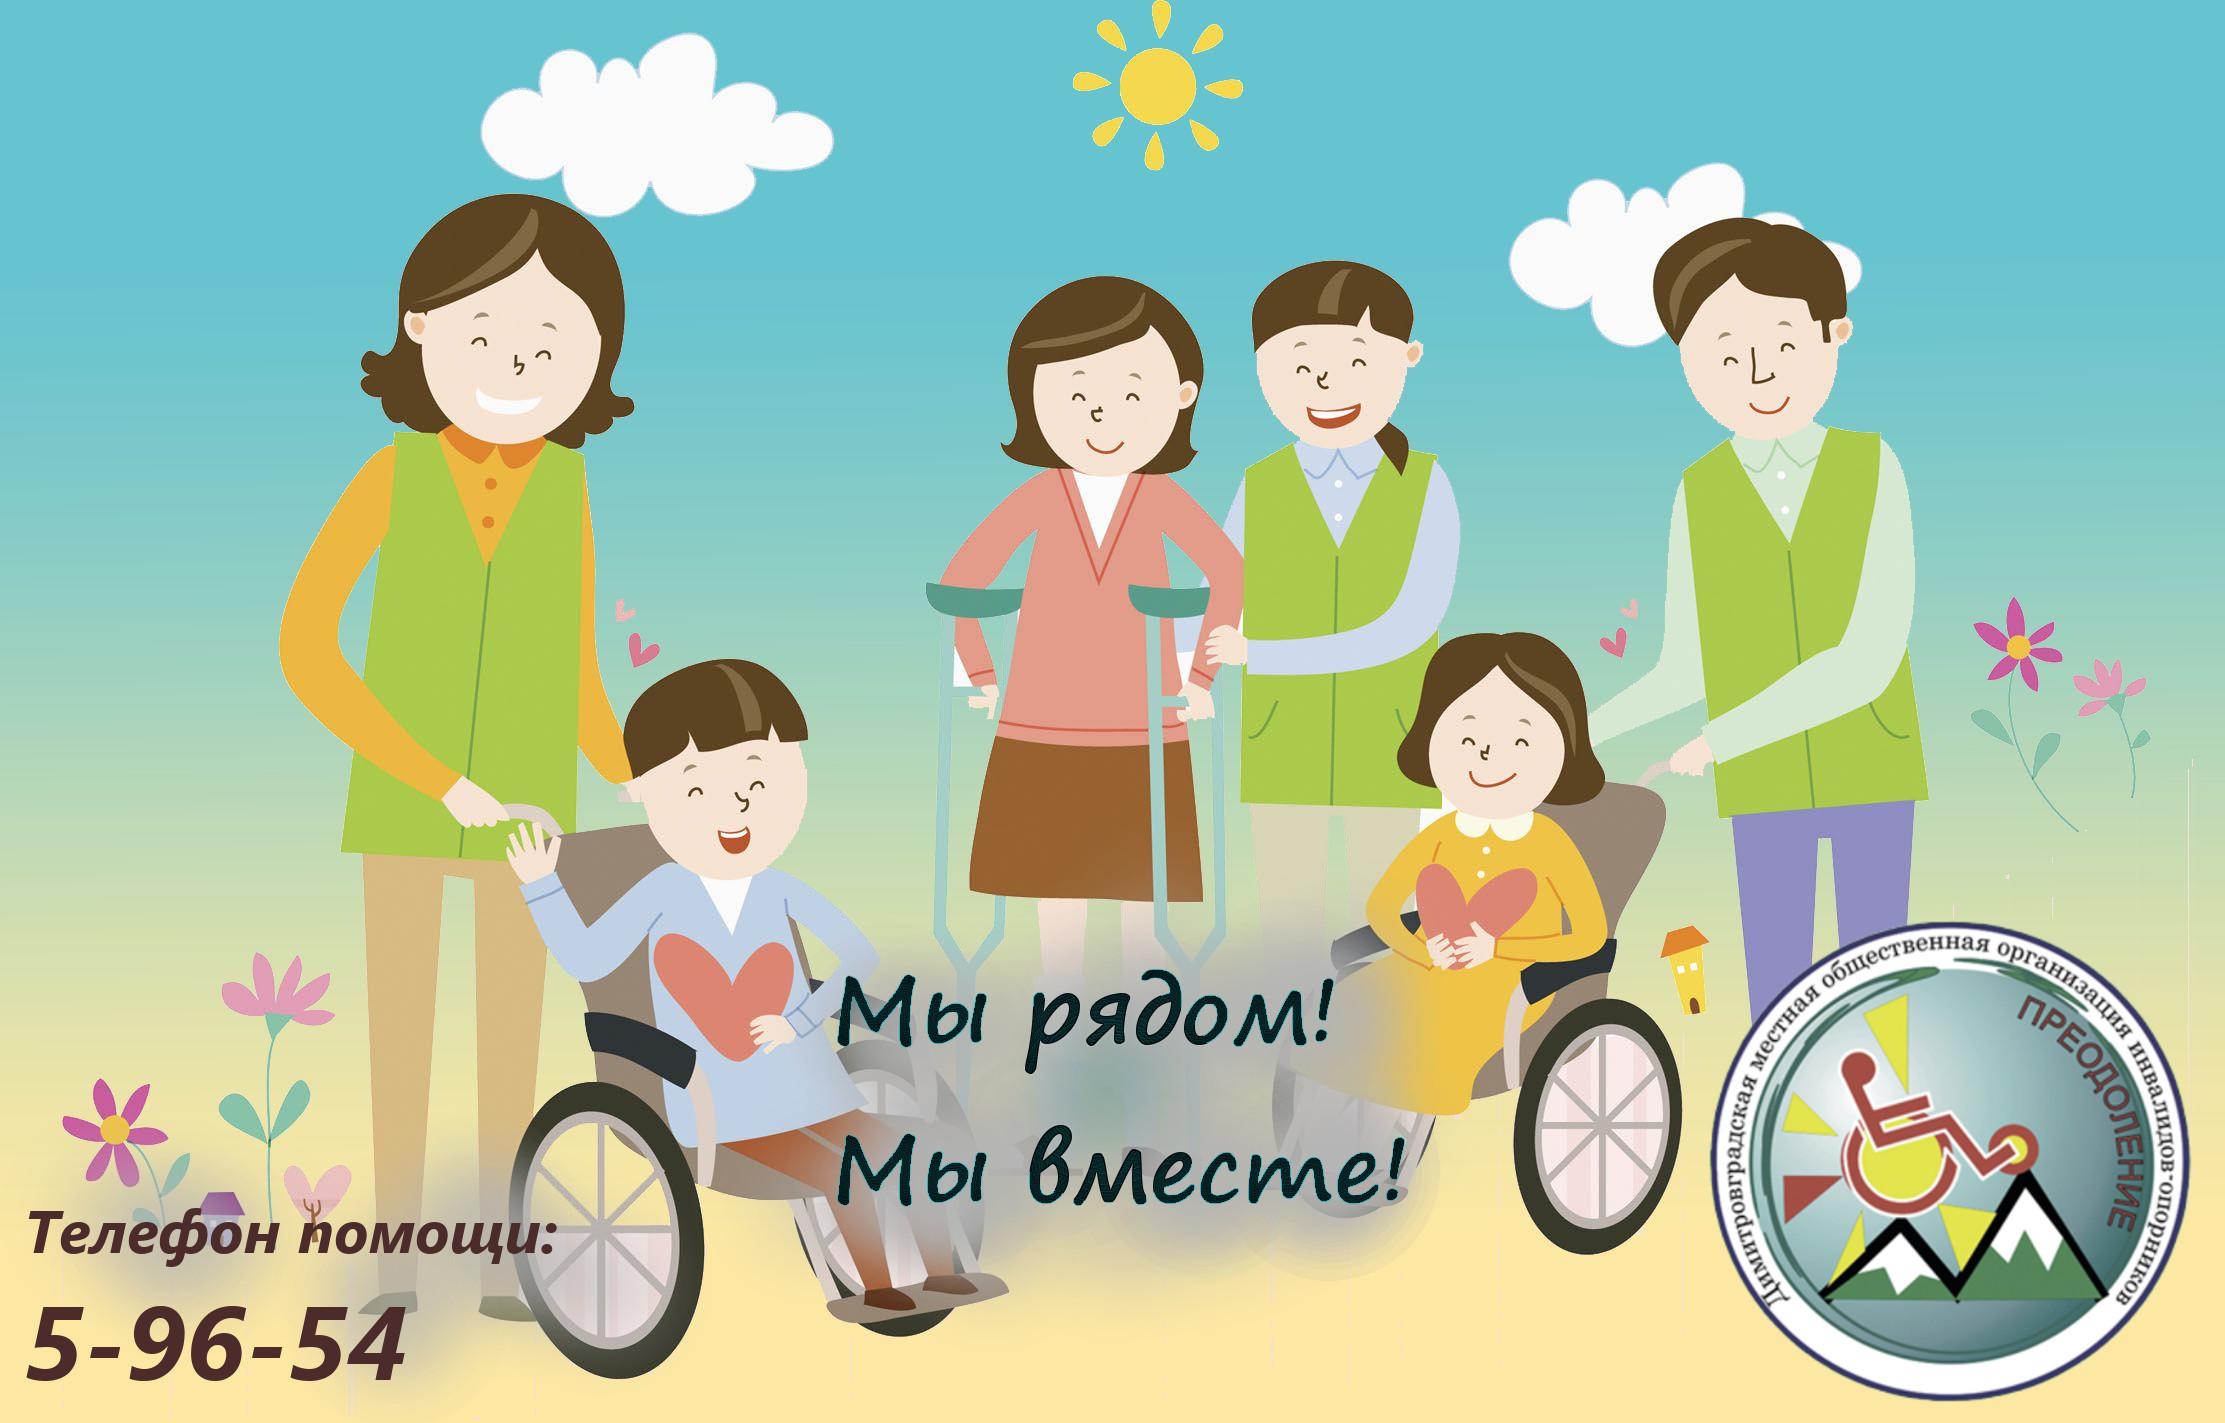 Только в Димитровграде весь 2020 год можно пригласить социальную службу на дом